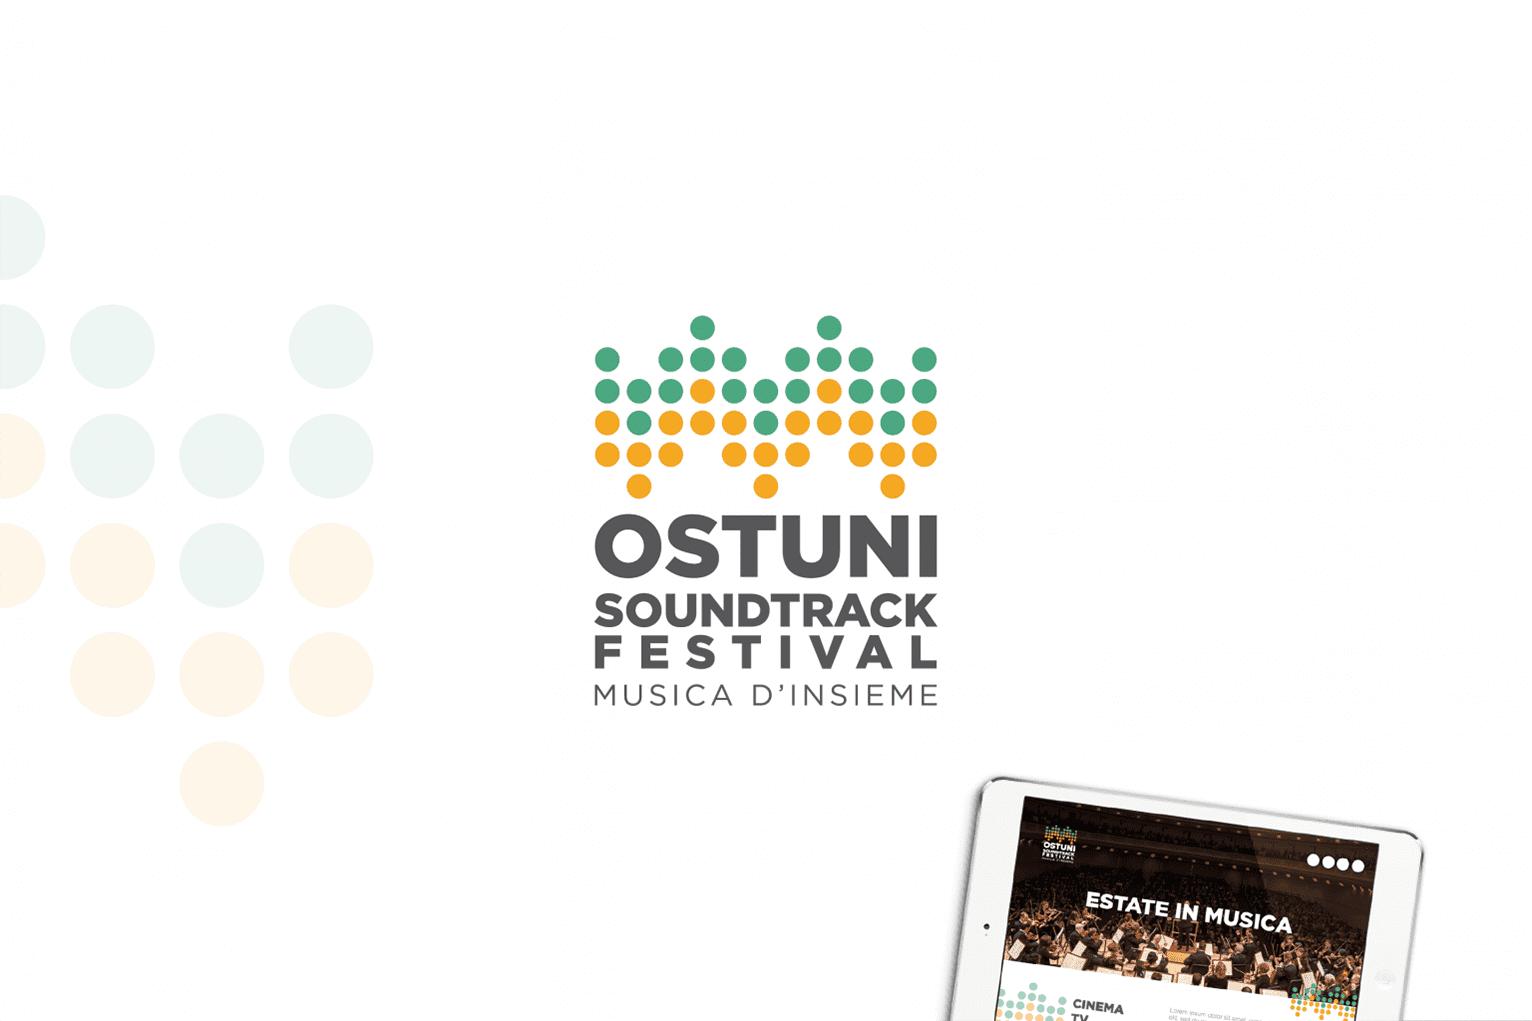 Ostuni Soundtrack Festival cover - stilographico